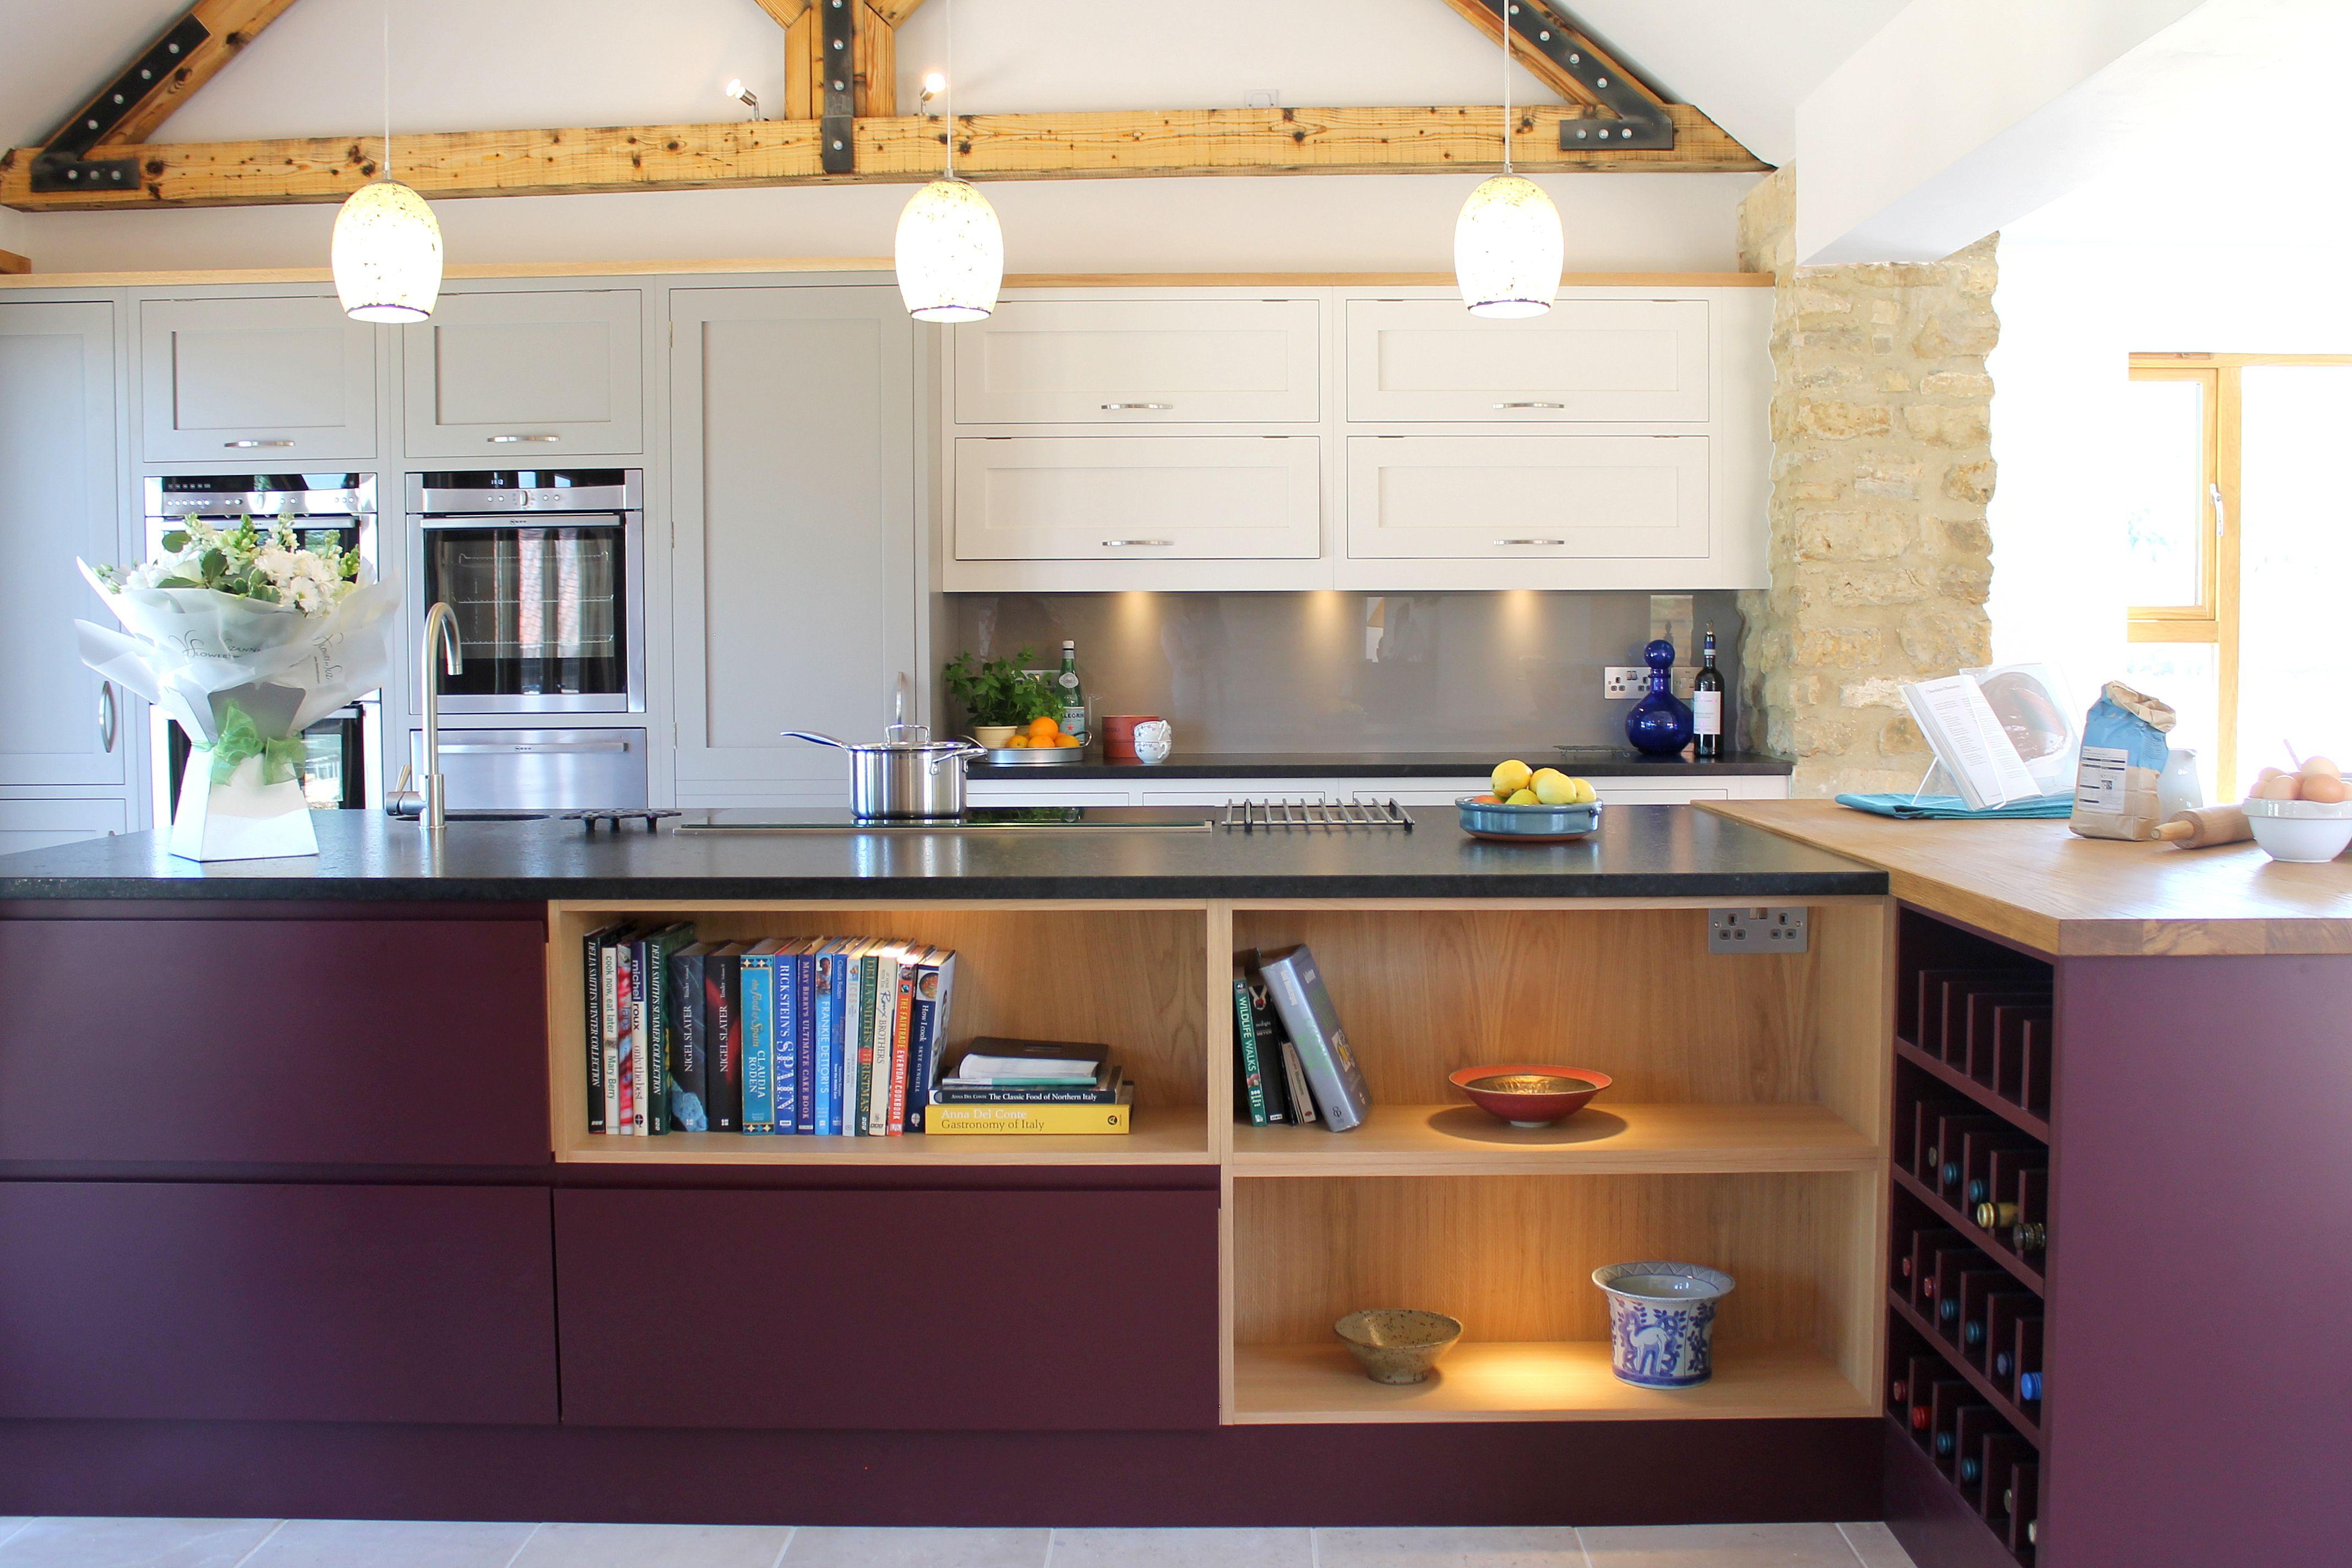 Großartig Küchendesign Auckland Neuseeland Fotos - Ideen Für Die ...